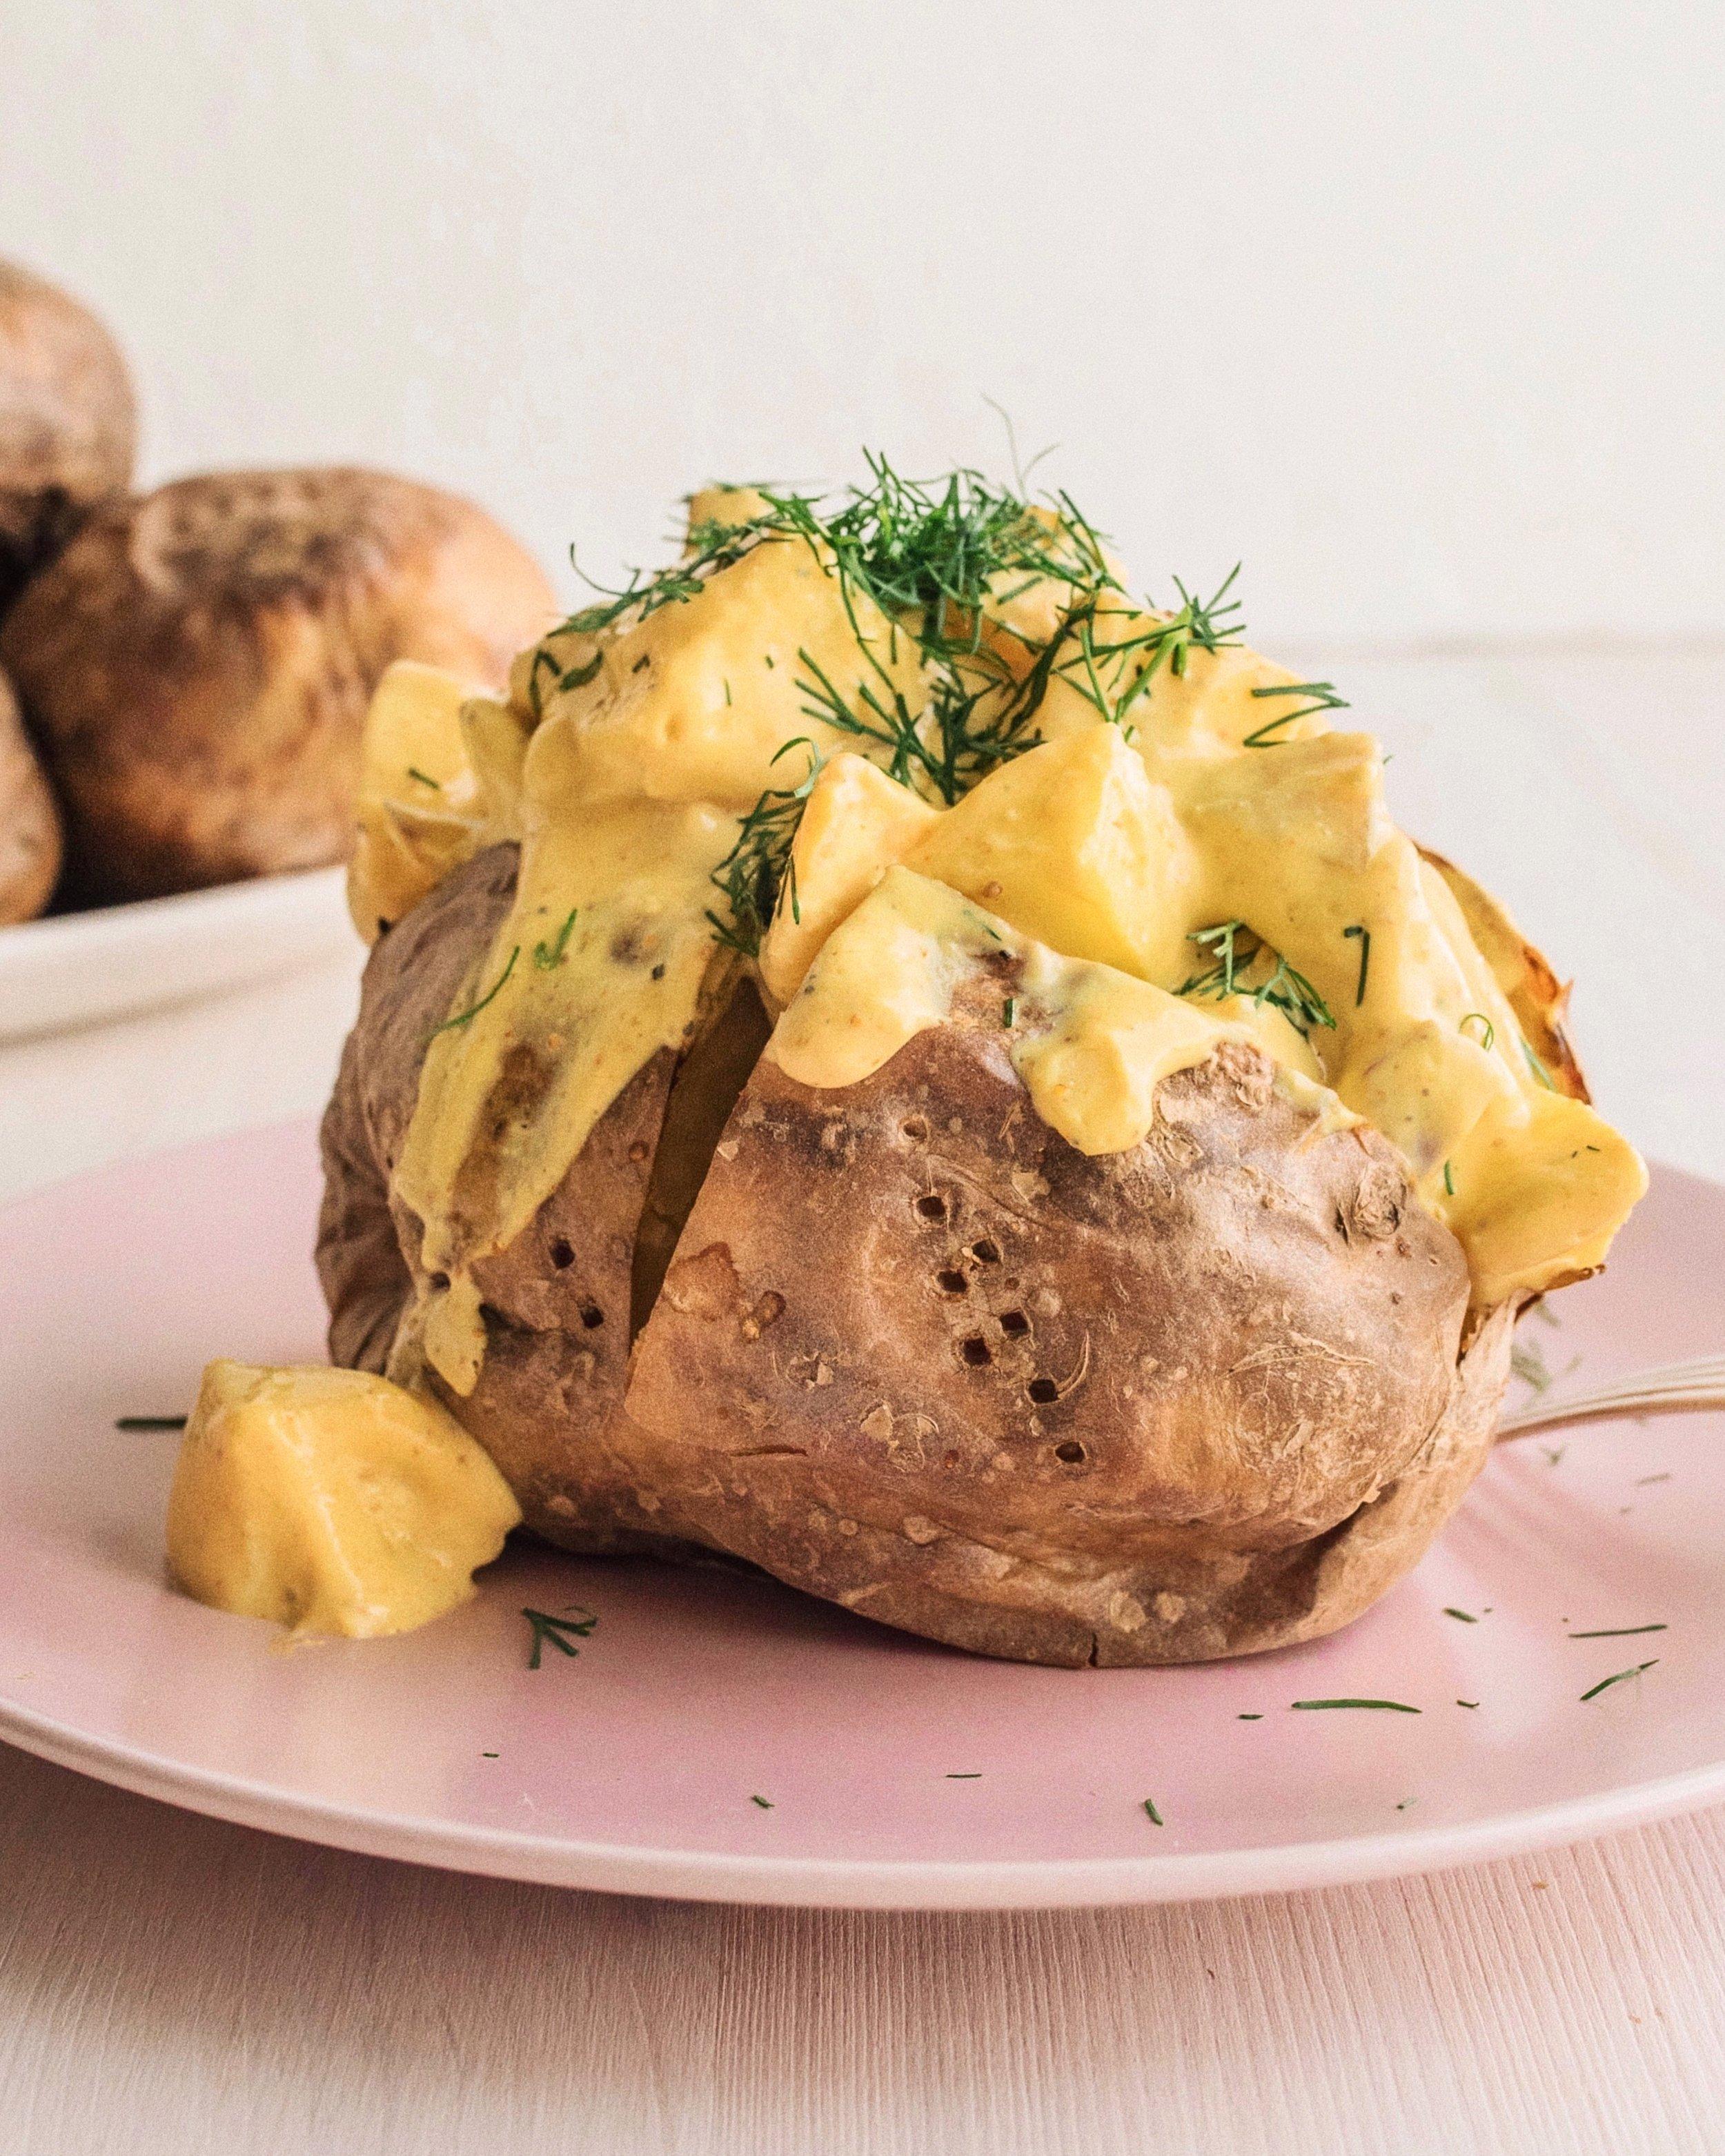 vegansk curryröra bakad potatis